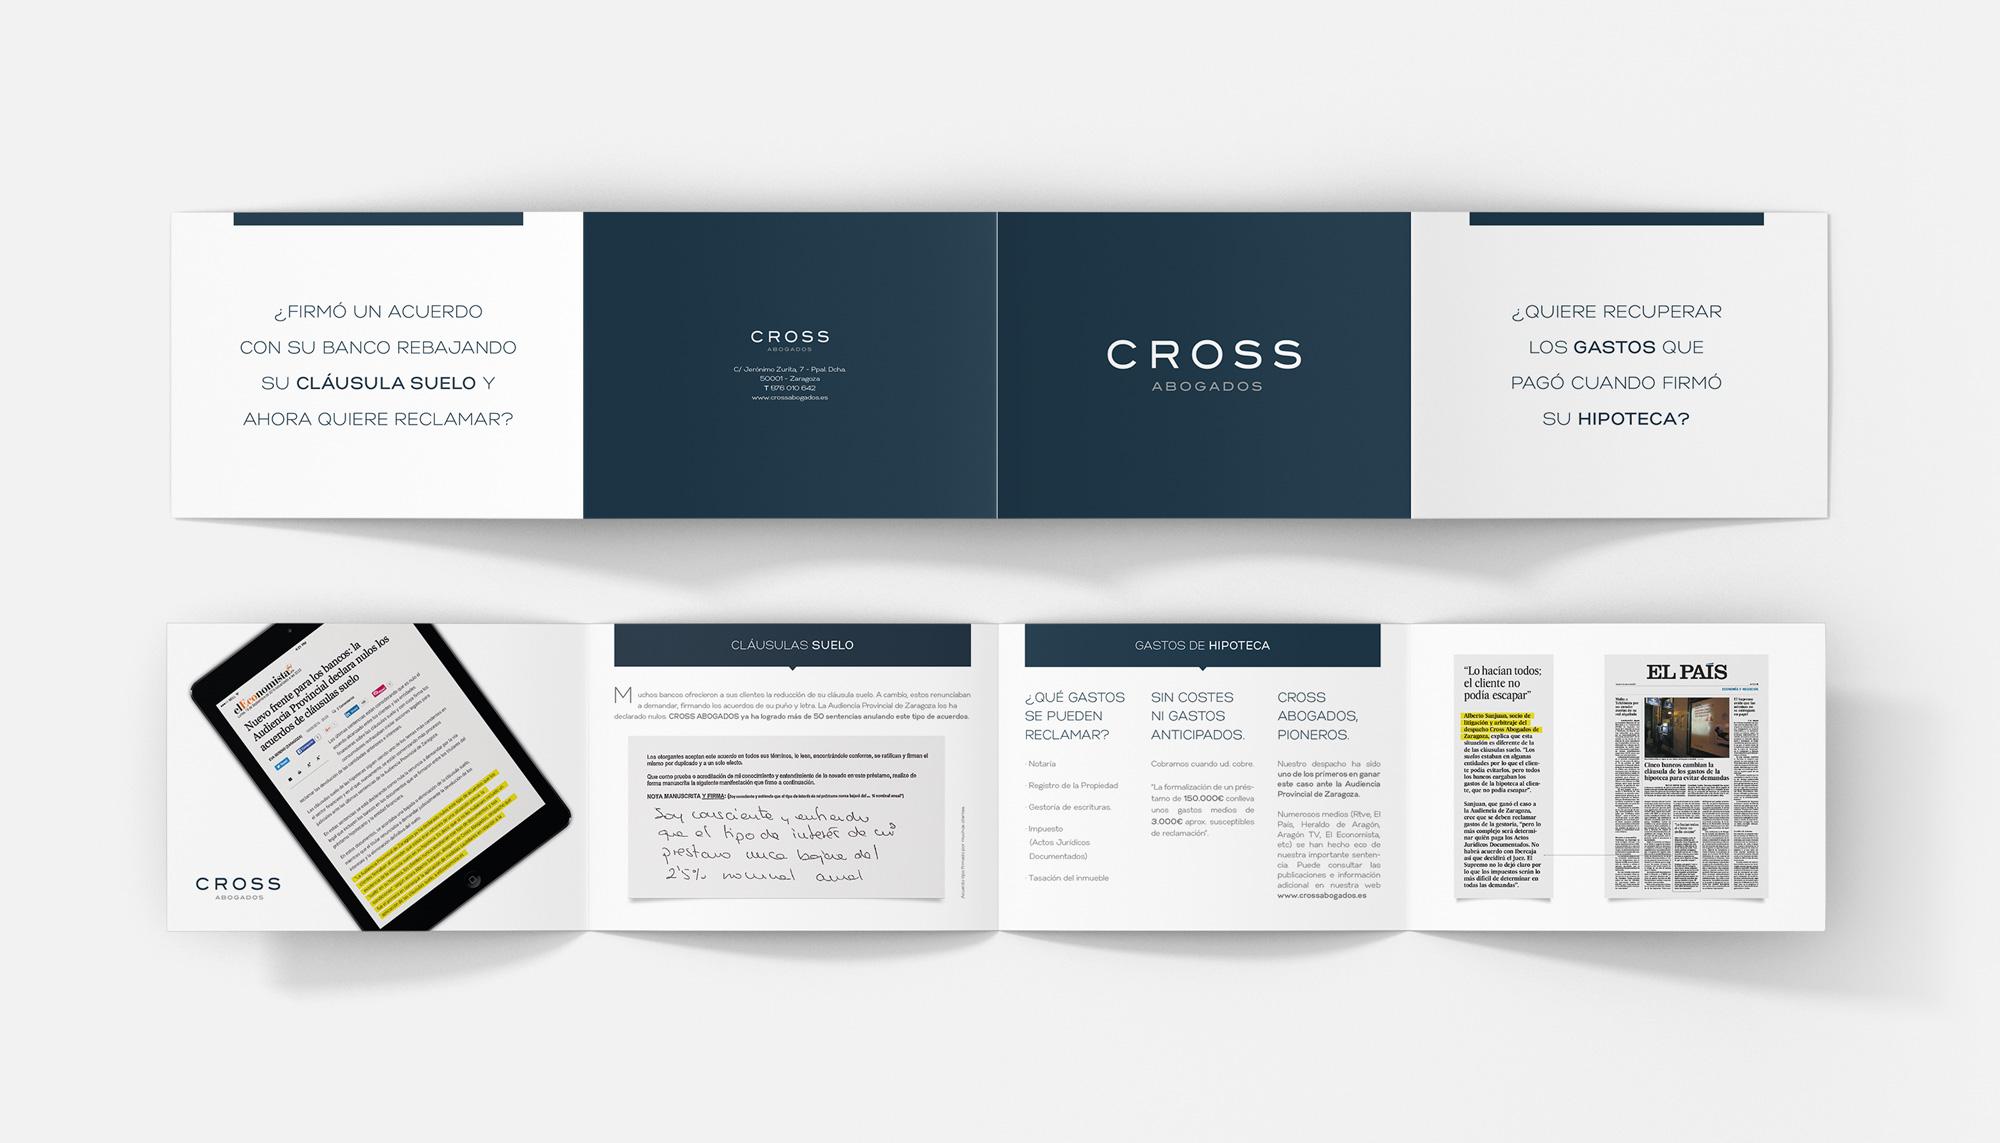 Folleto Cross Abogados Asesores